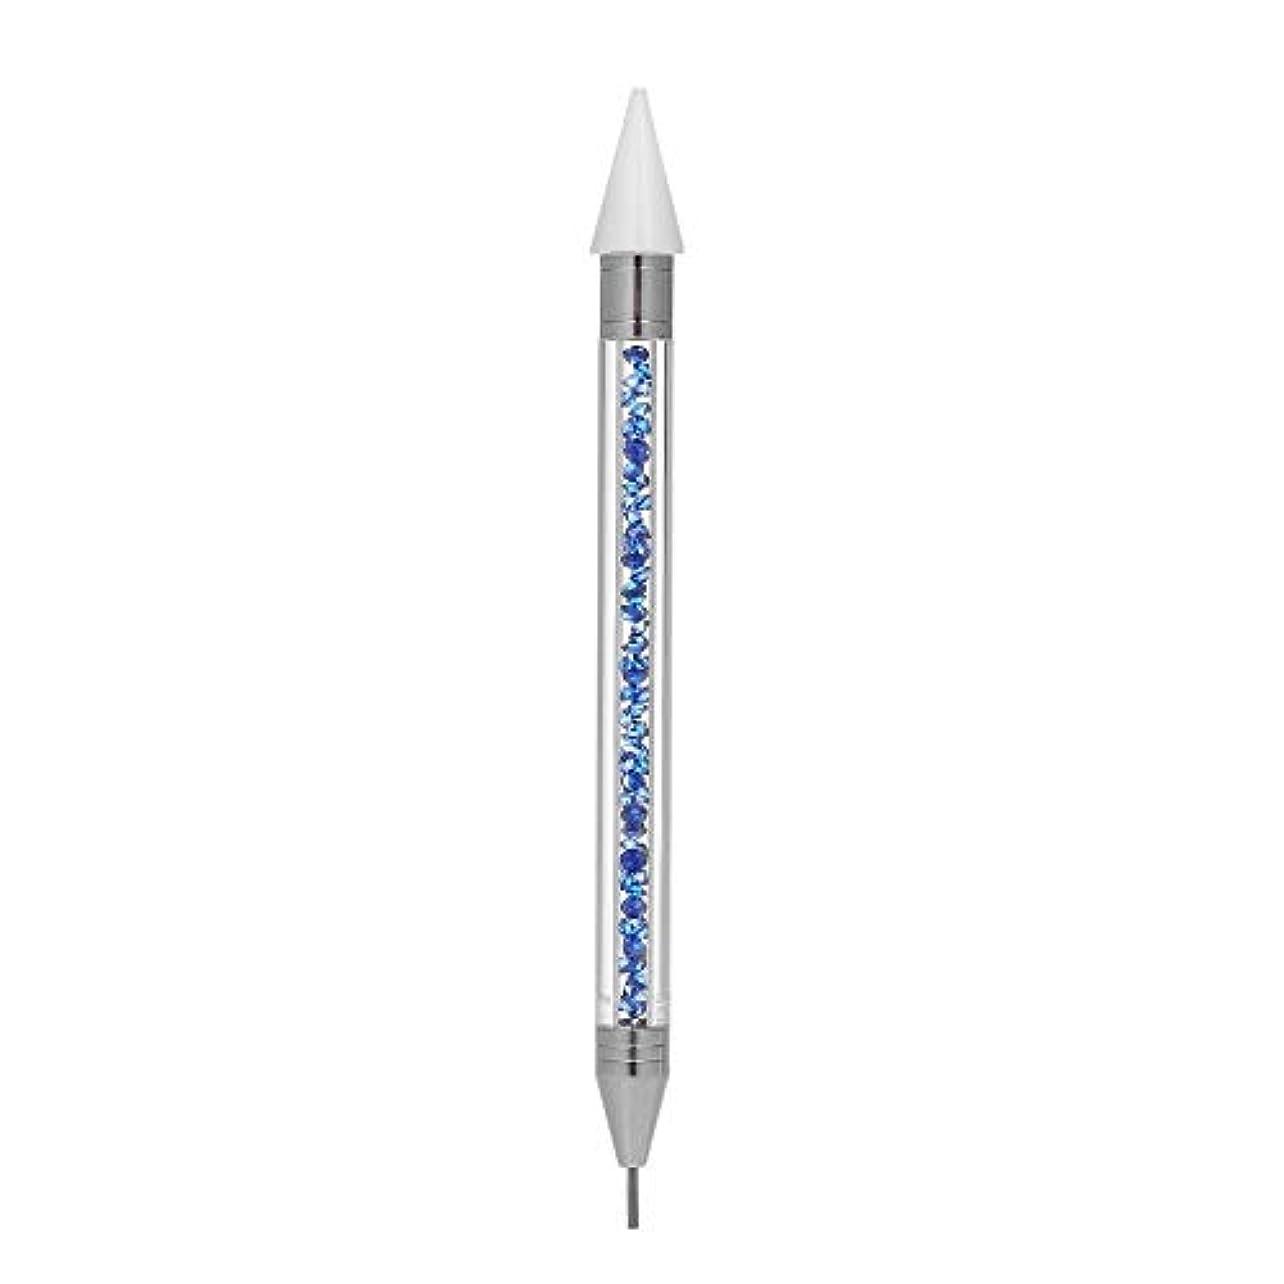 浸食パイ架空のネイルアートブラシ ネイルペン 掘削 ネイル点在ペン マニキュアツール ペン ラインストーン クリスタル ネイルアート 便利